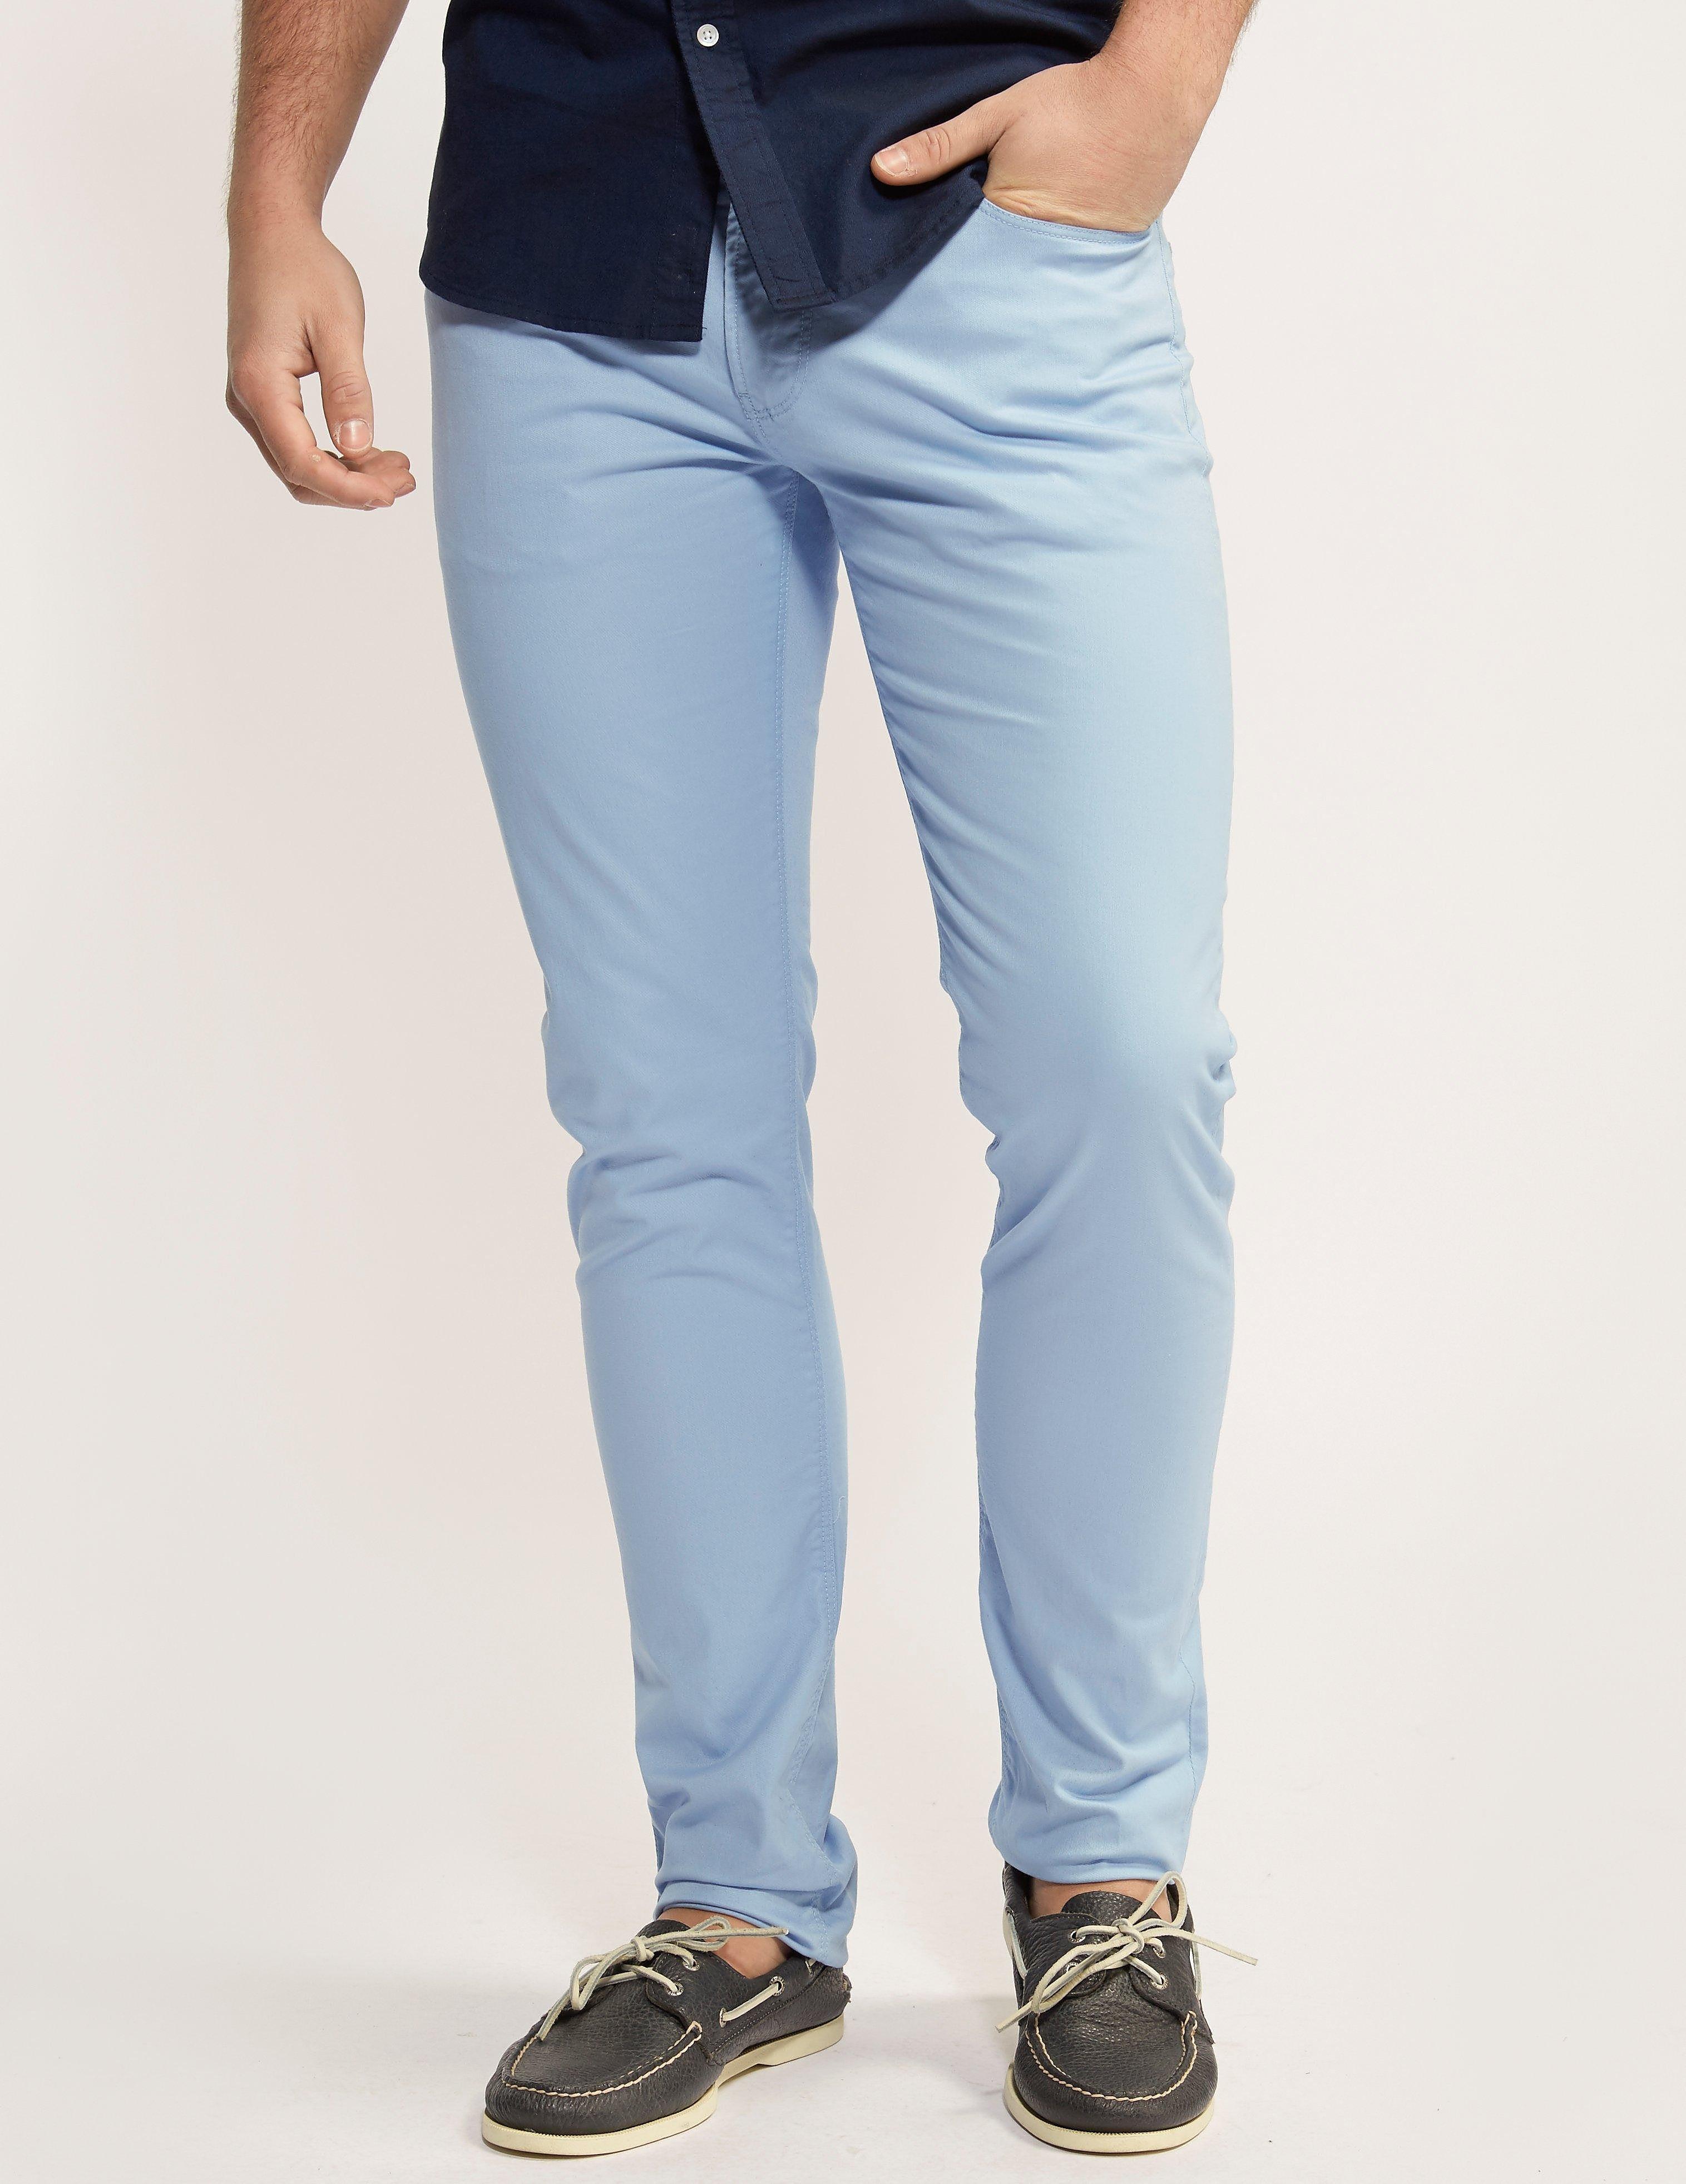 Armani Jeans J06 Cotton Chino - Long Leg